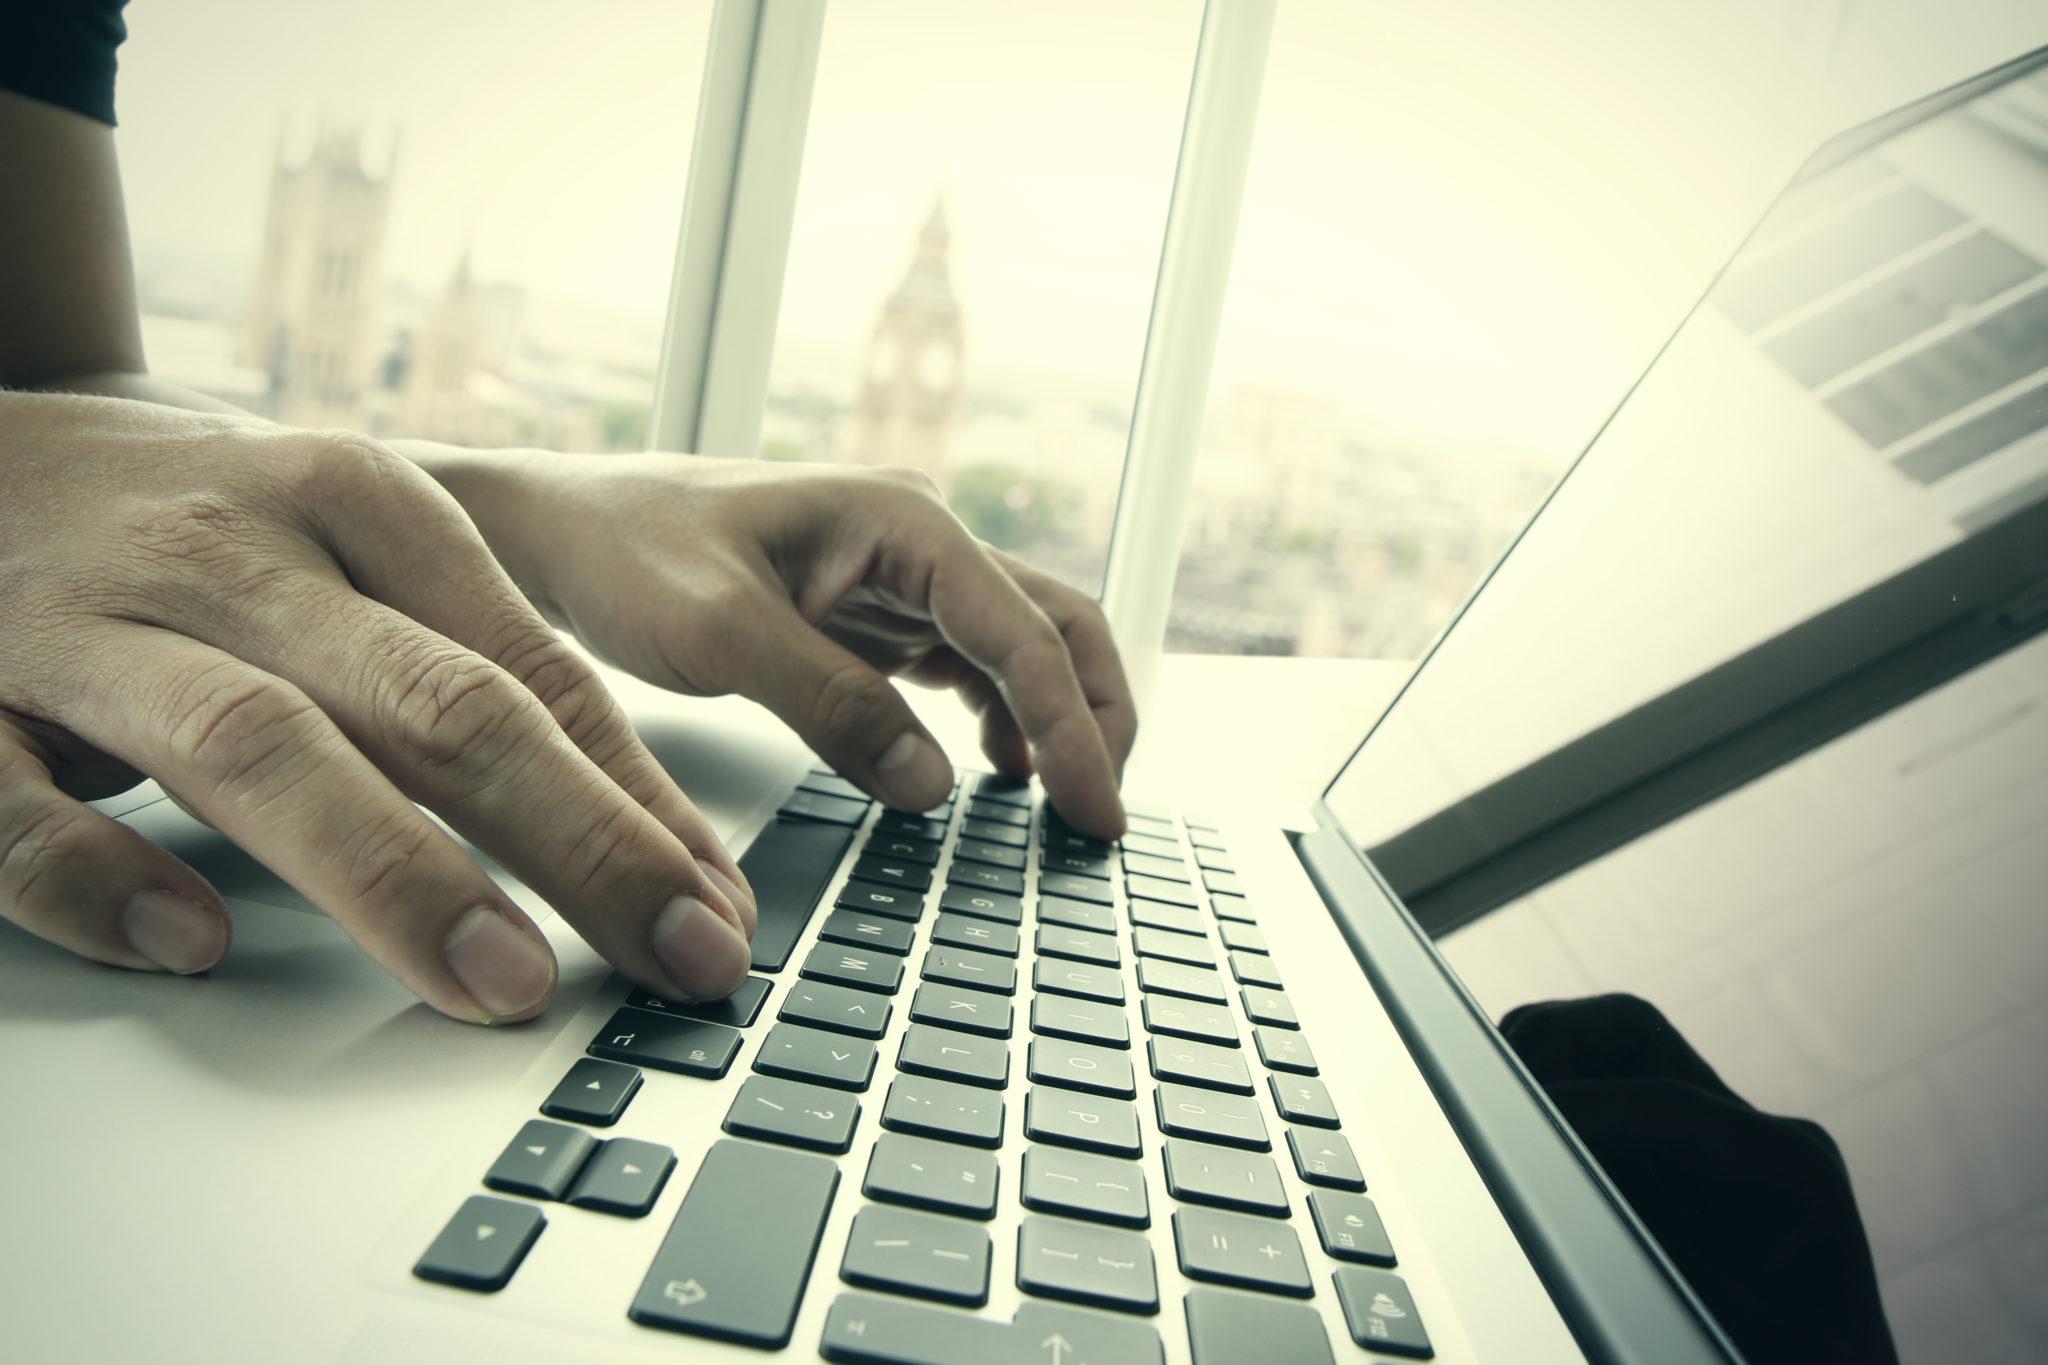 ラップトップコンピュータで仕事をするビジネスマン